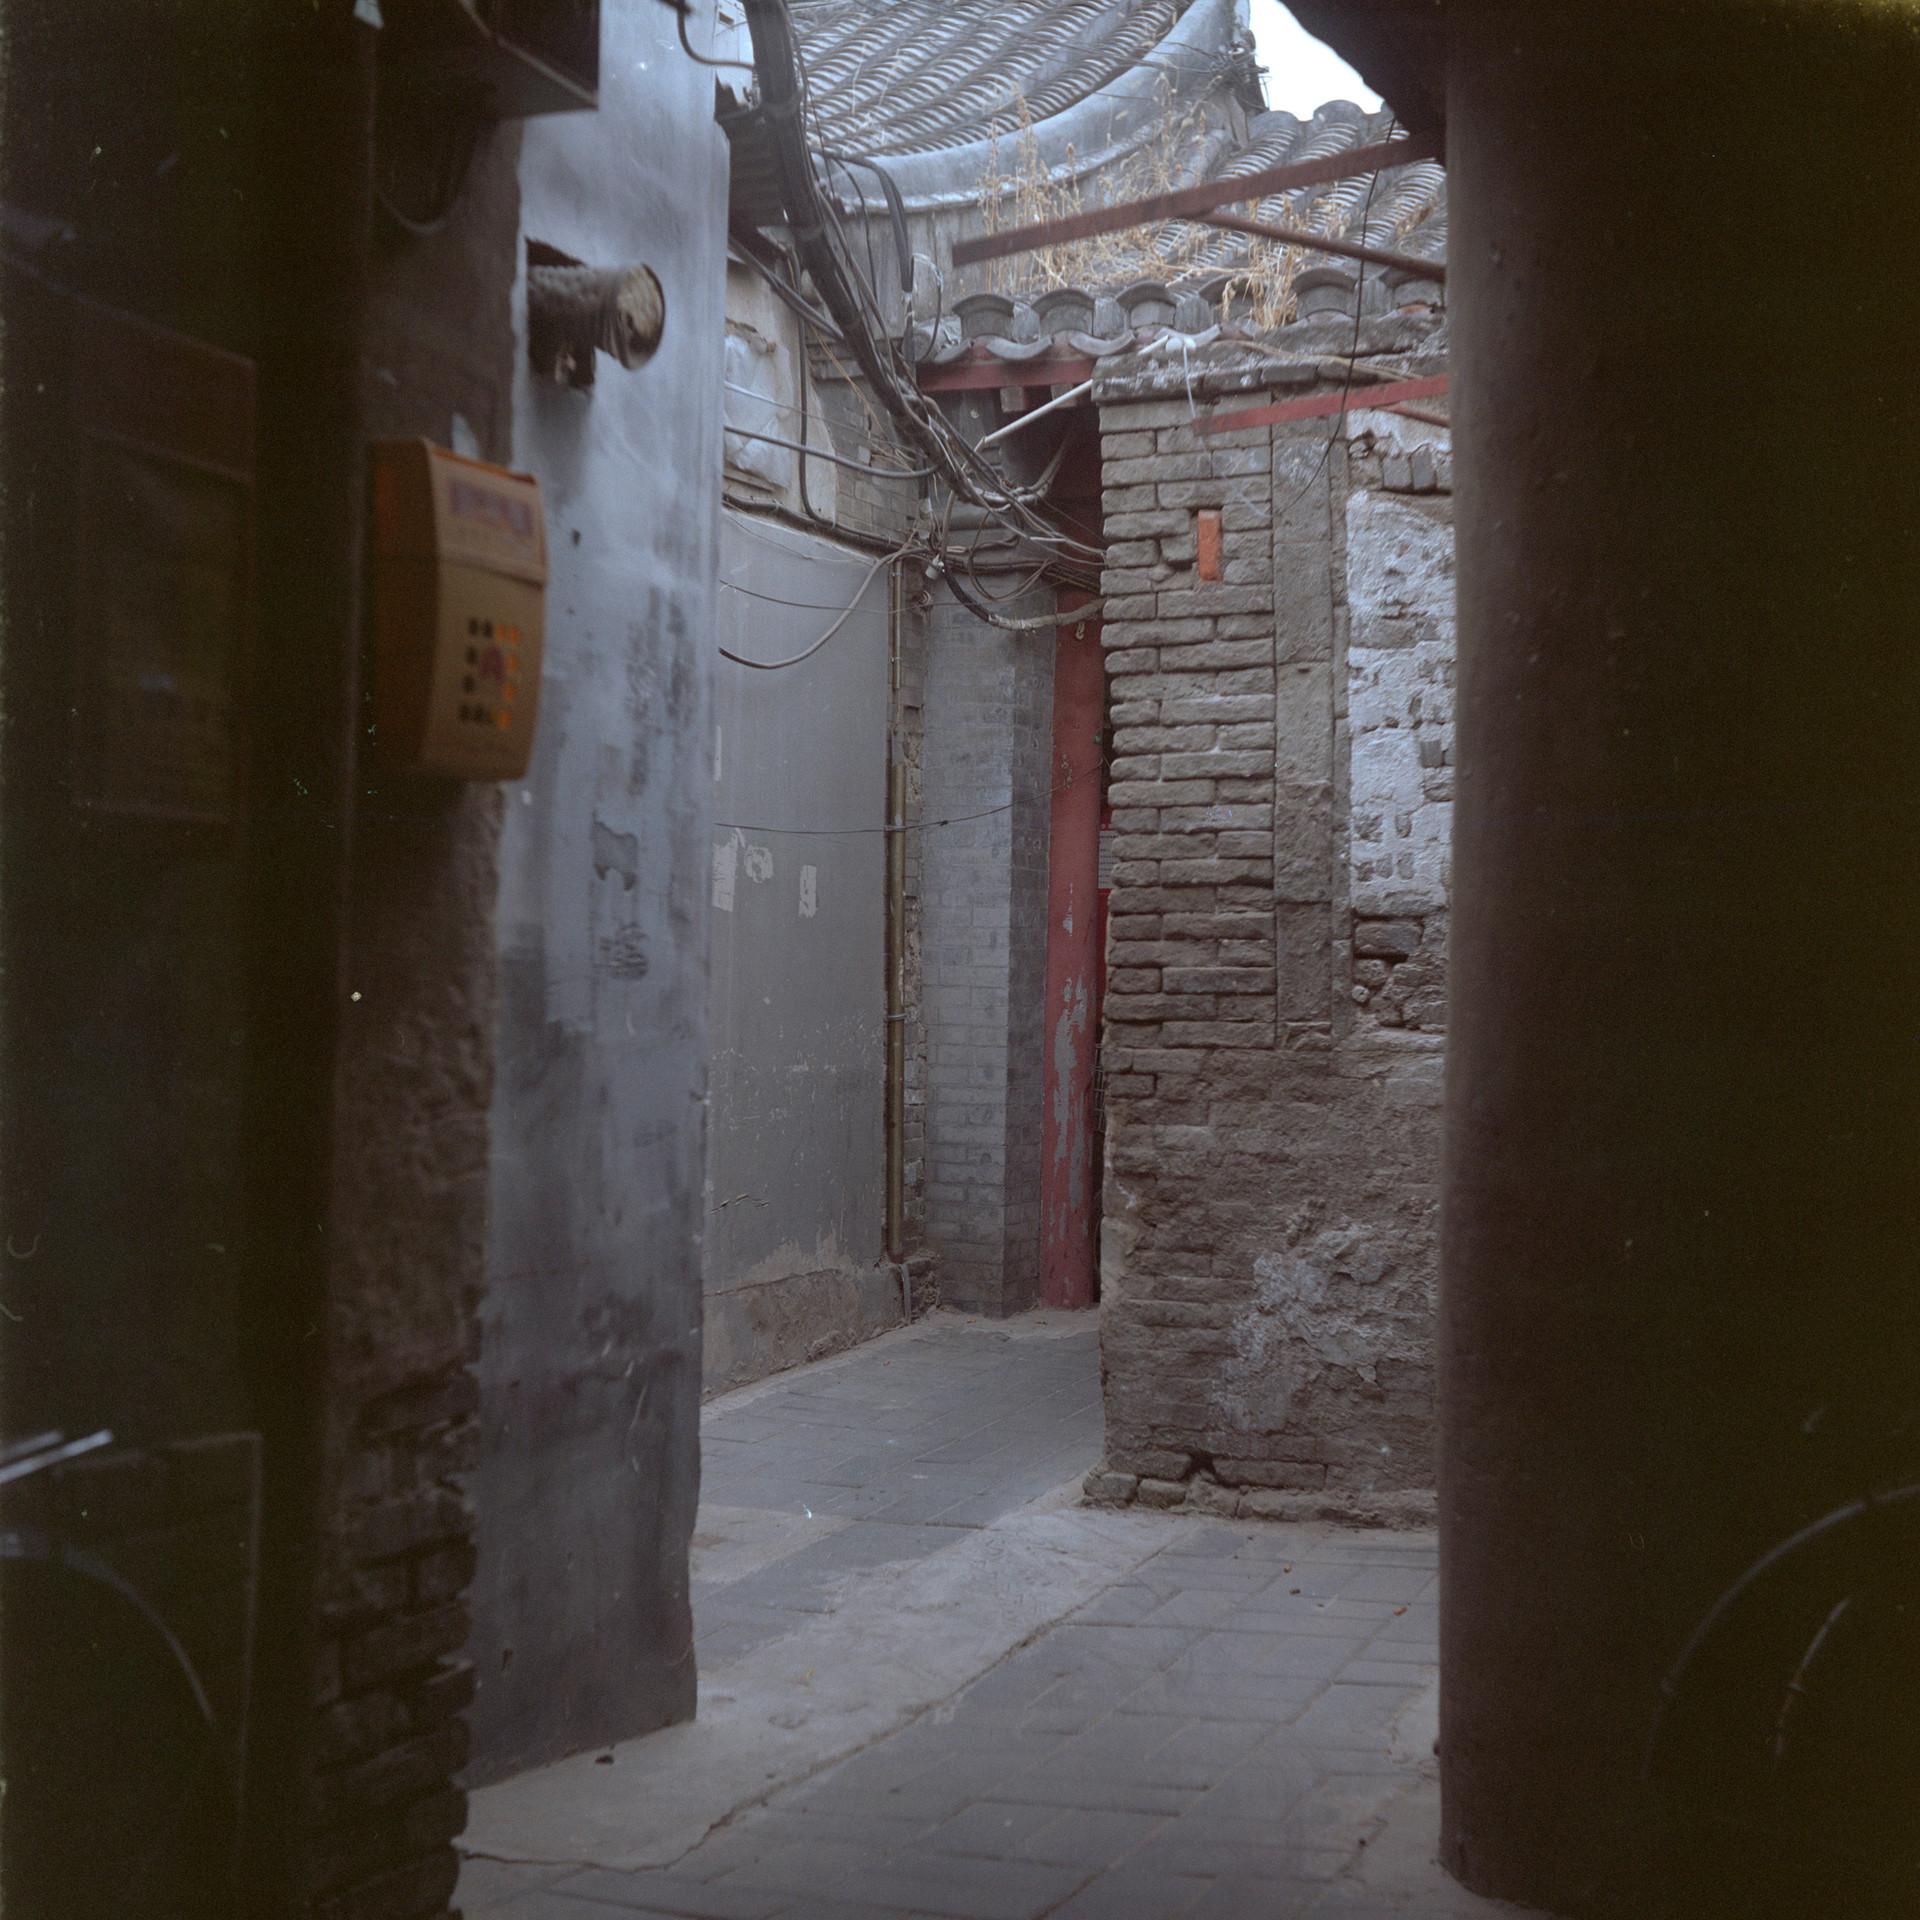 Beijing Part II, work in progress